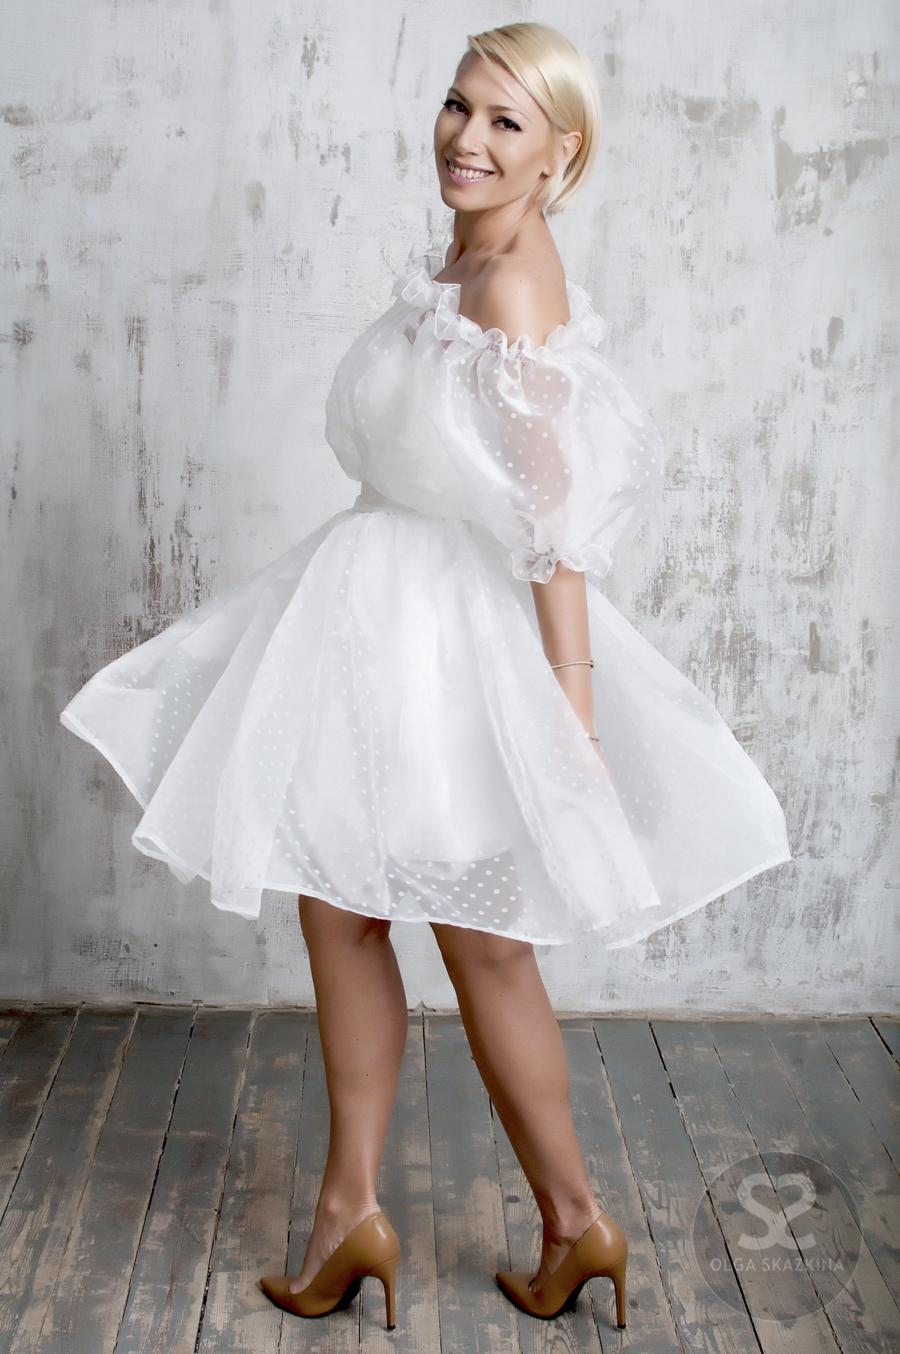 Прозрачное платье из органзы из совместной коллекции дизайнера Ольги Сказкиной и телеведущей Авроры. | Skazkina